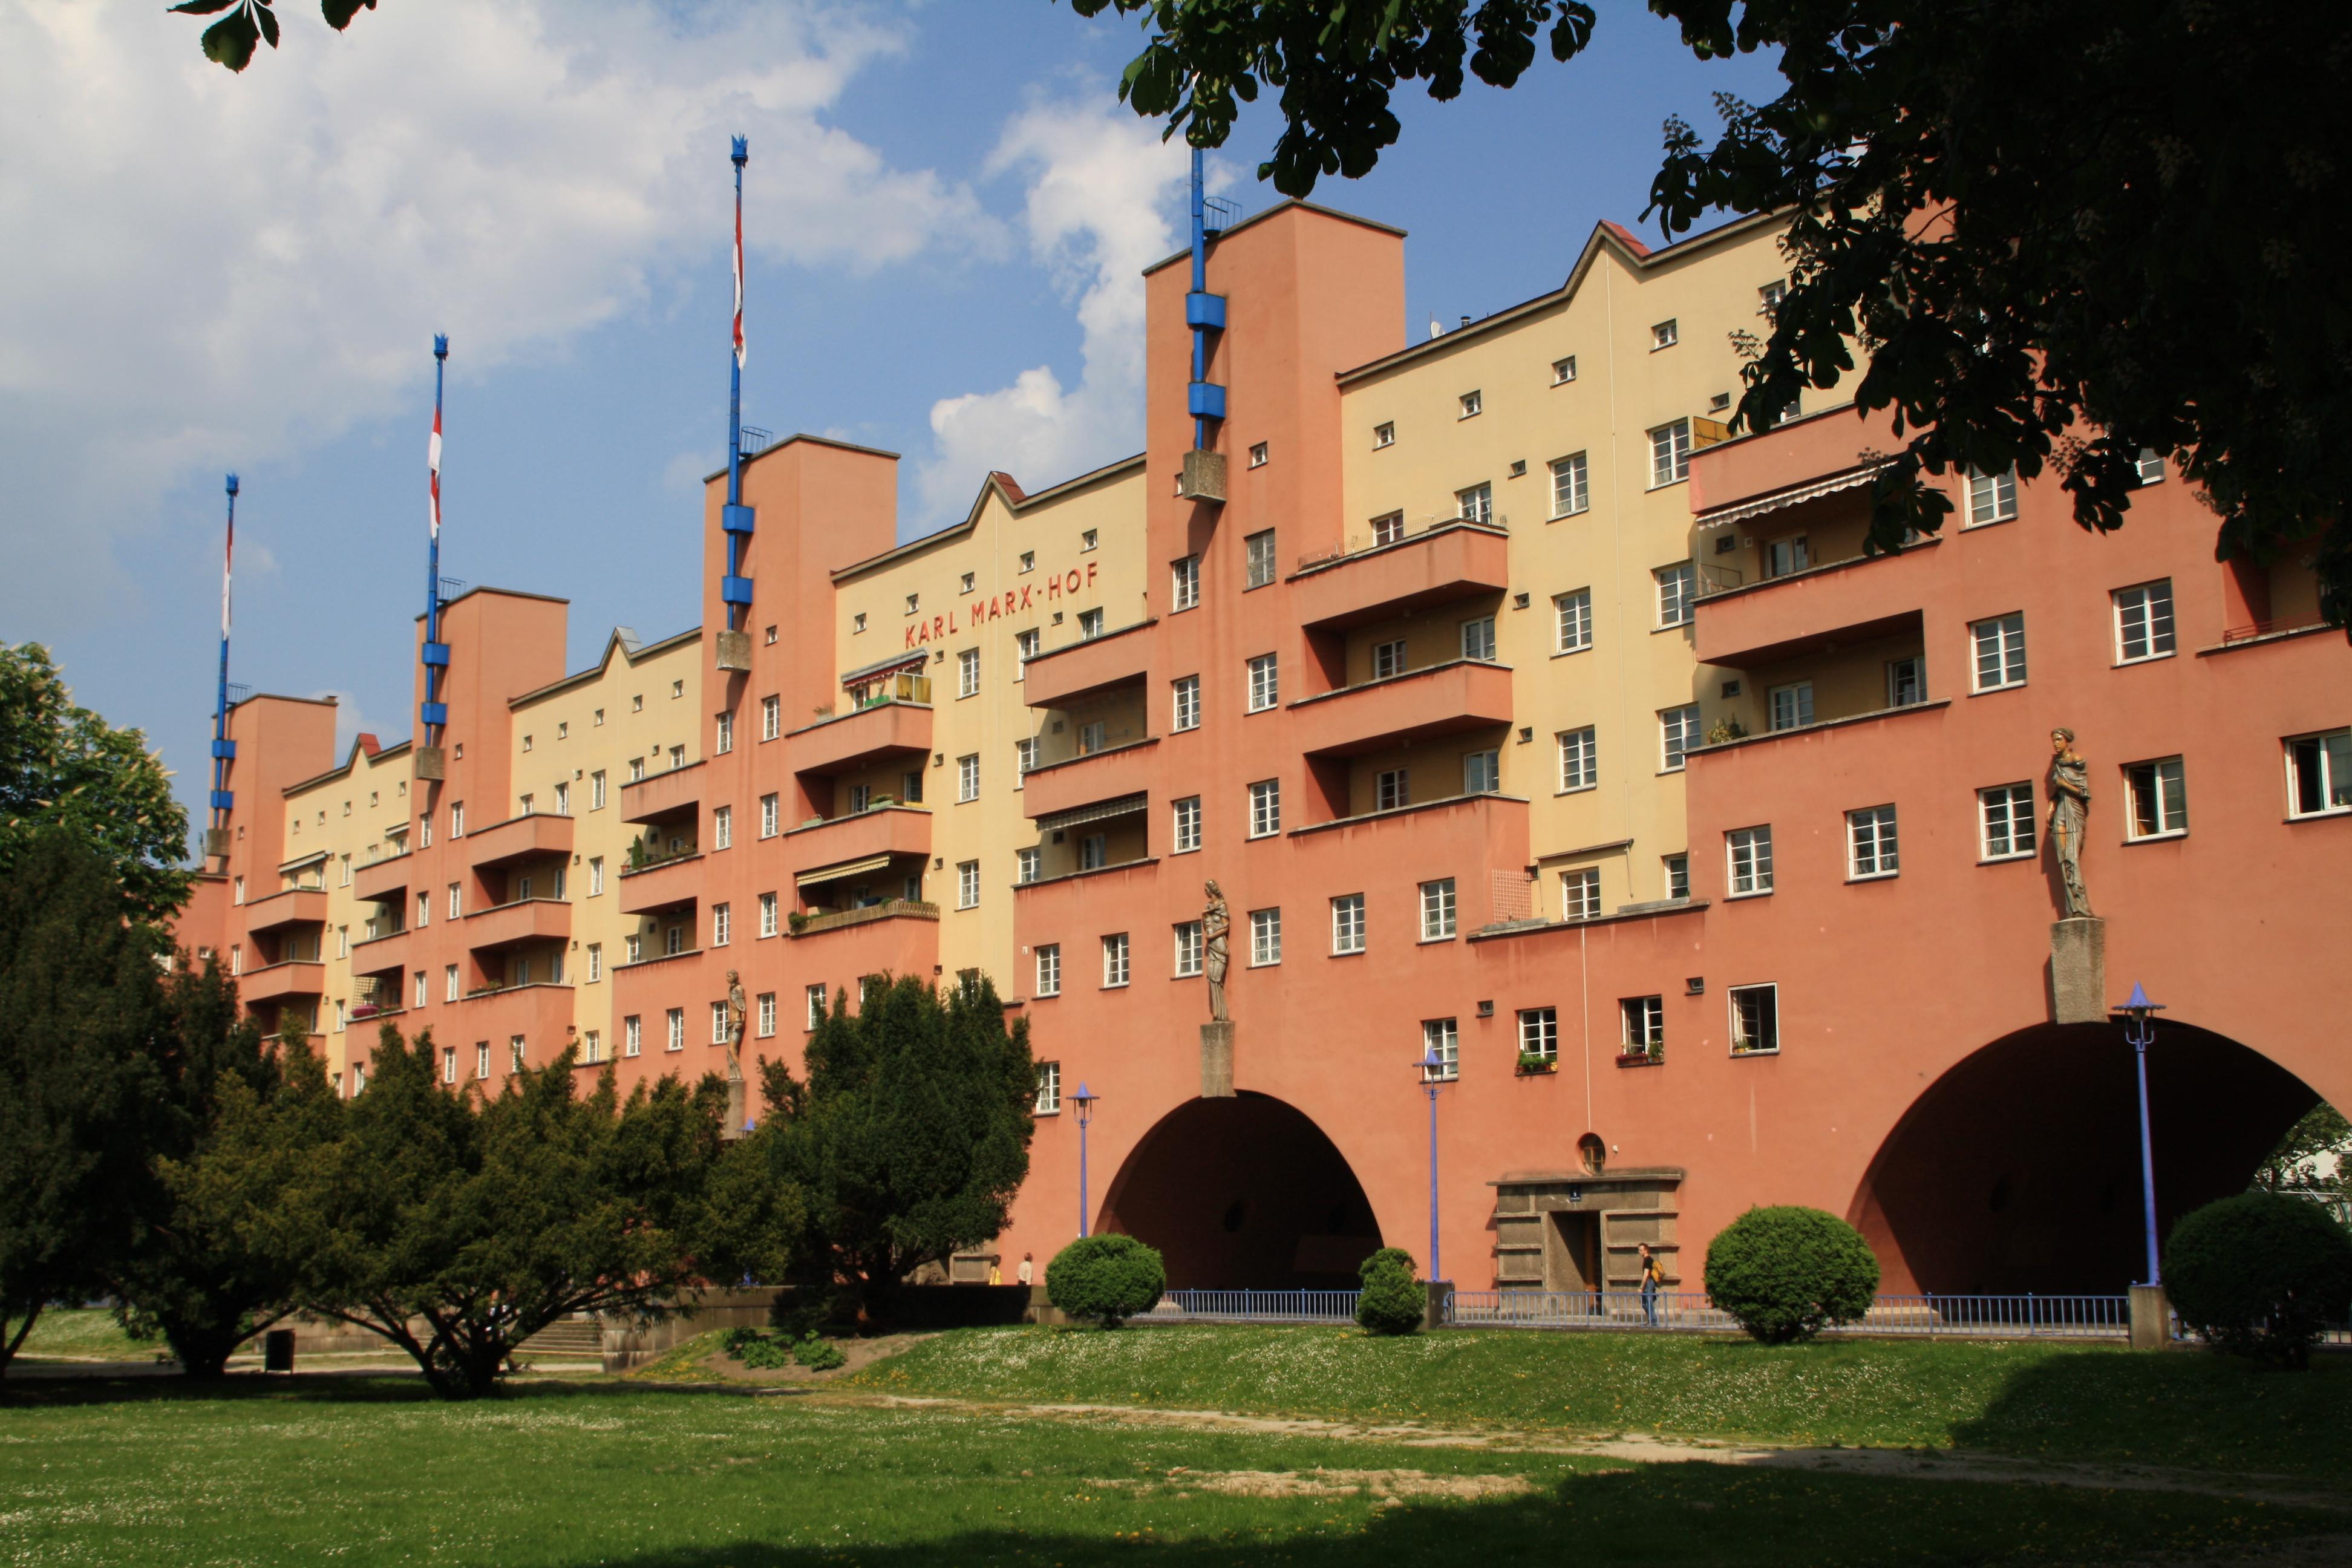 Liste der Wiener Gemeindebauten – Wikipedia